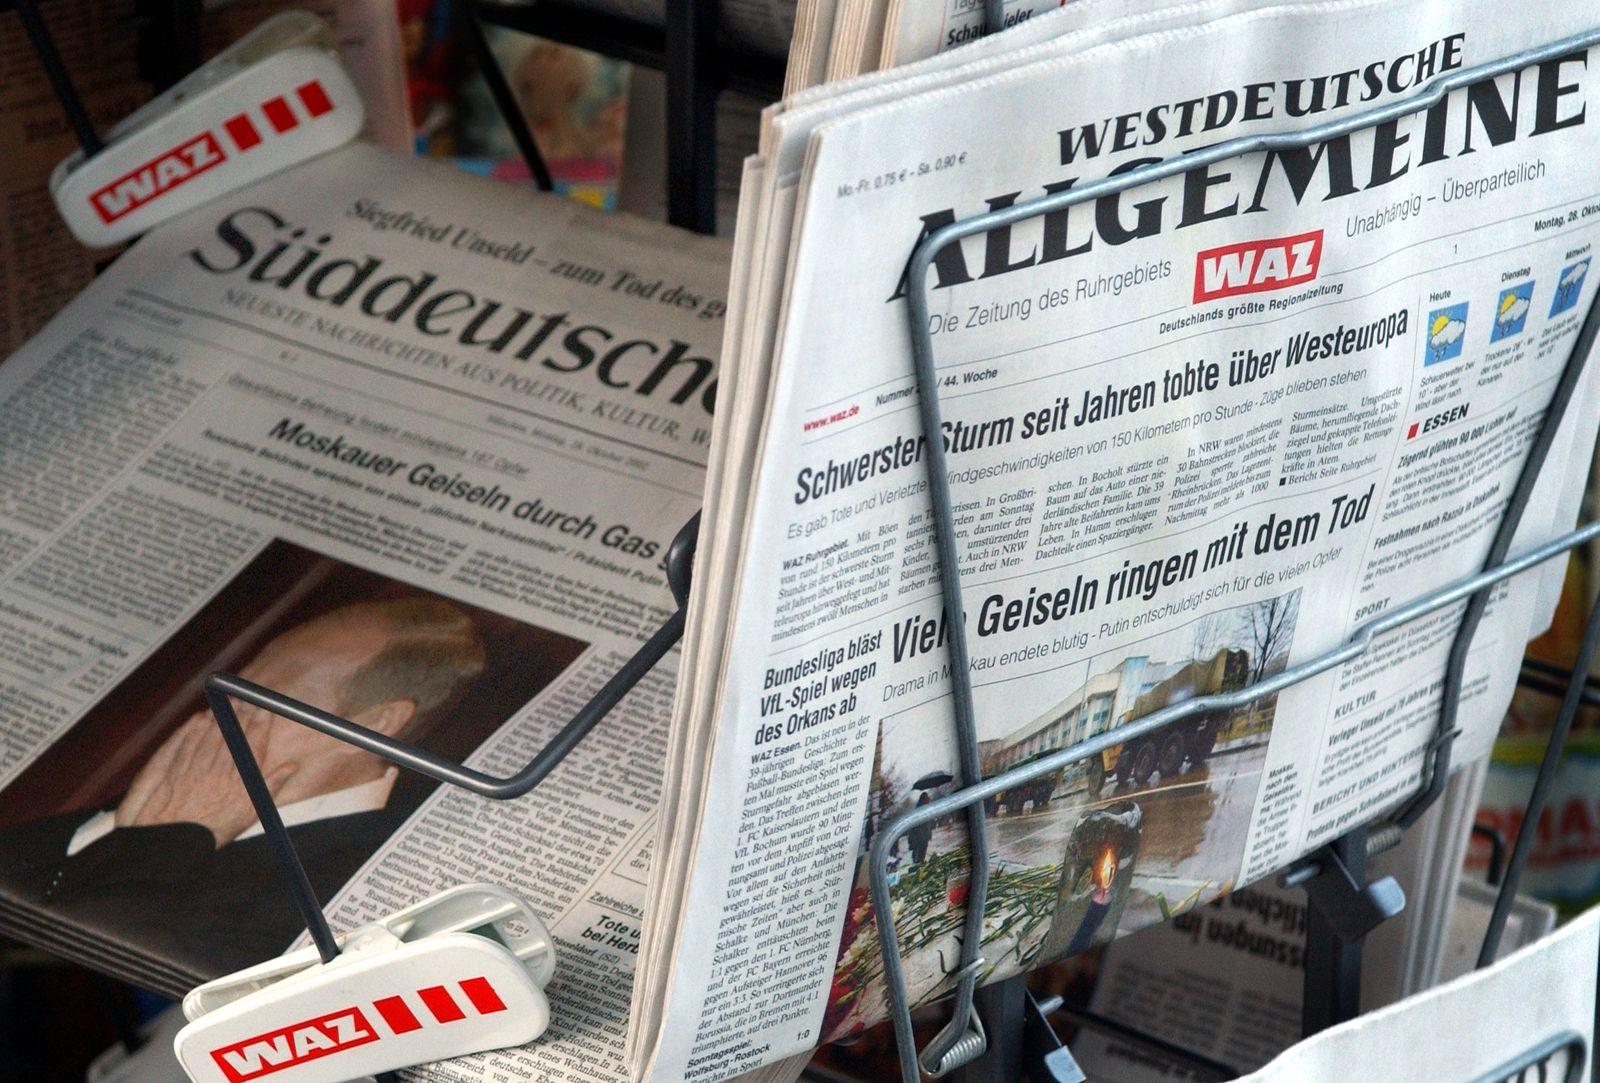 WAZ / Westdeutsche Allgemeine Zeitung / Süddeutsche Zeitung